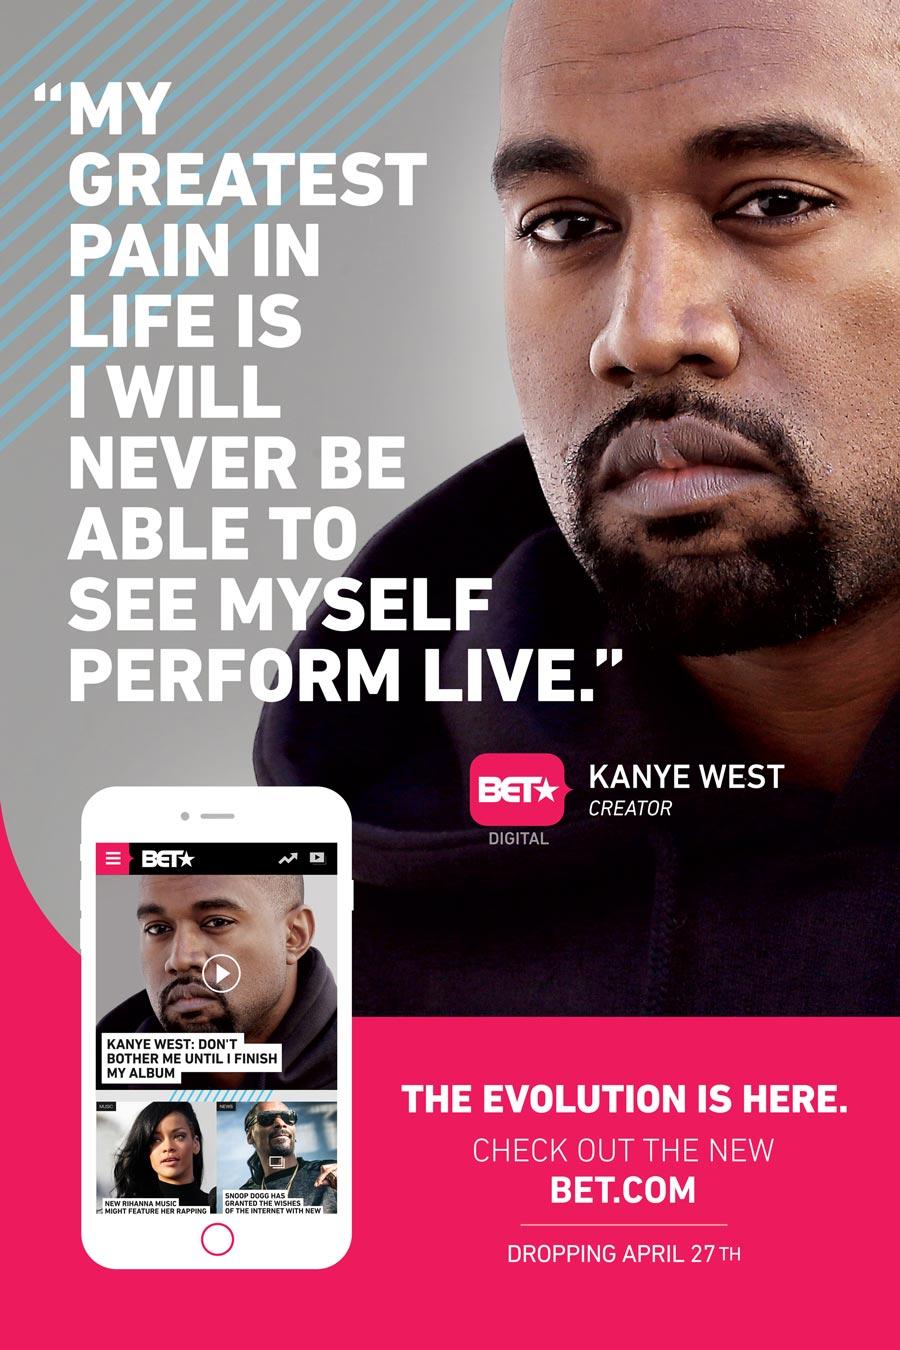 bet_redesign_Kanye_lores.jpg